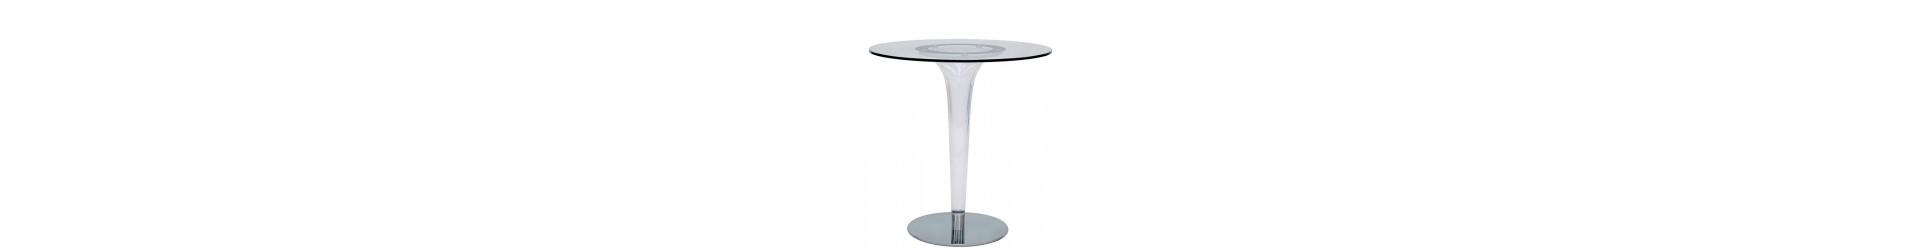 Tabellen für eine Bar, Restaurant, Hotel, Pub, Disco, die den Raum interessant zu machen.